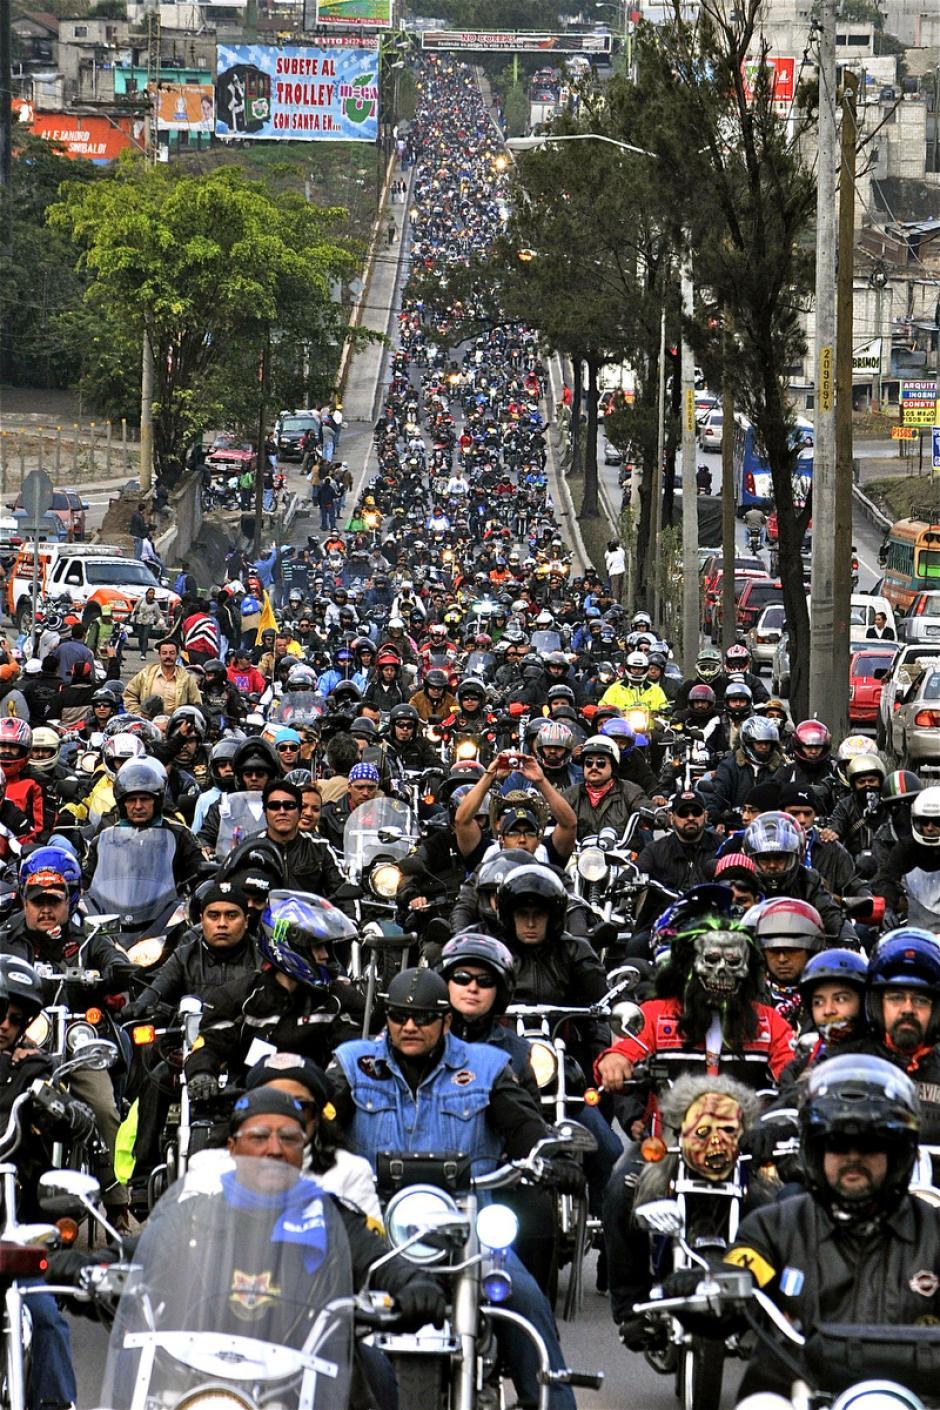 En el año 2013 hubo más de 35,000 participantes. (Foto: Deccio Serrano).